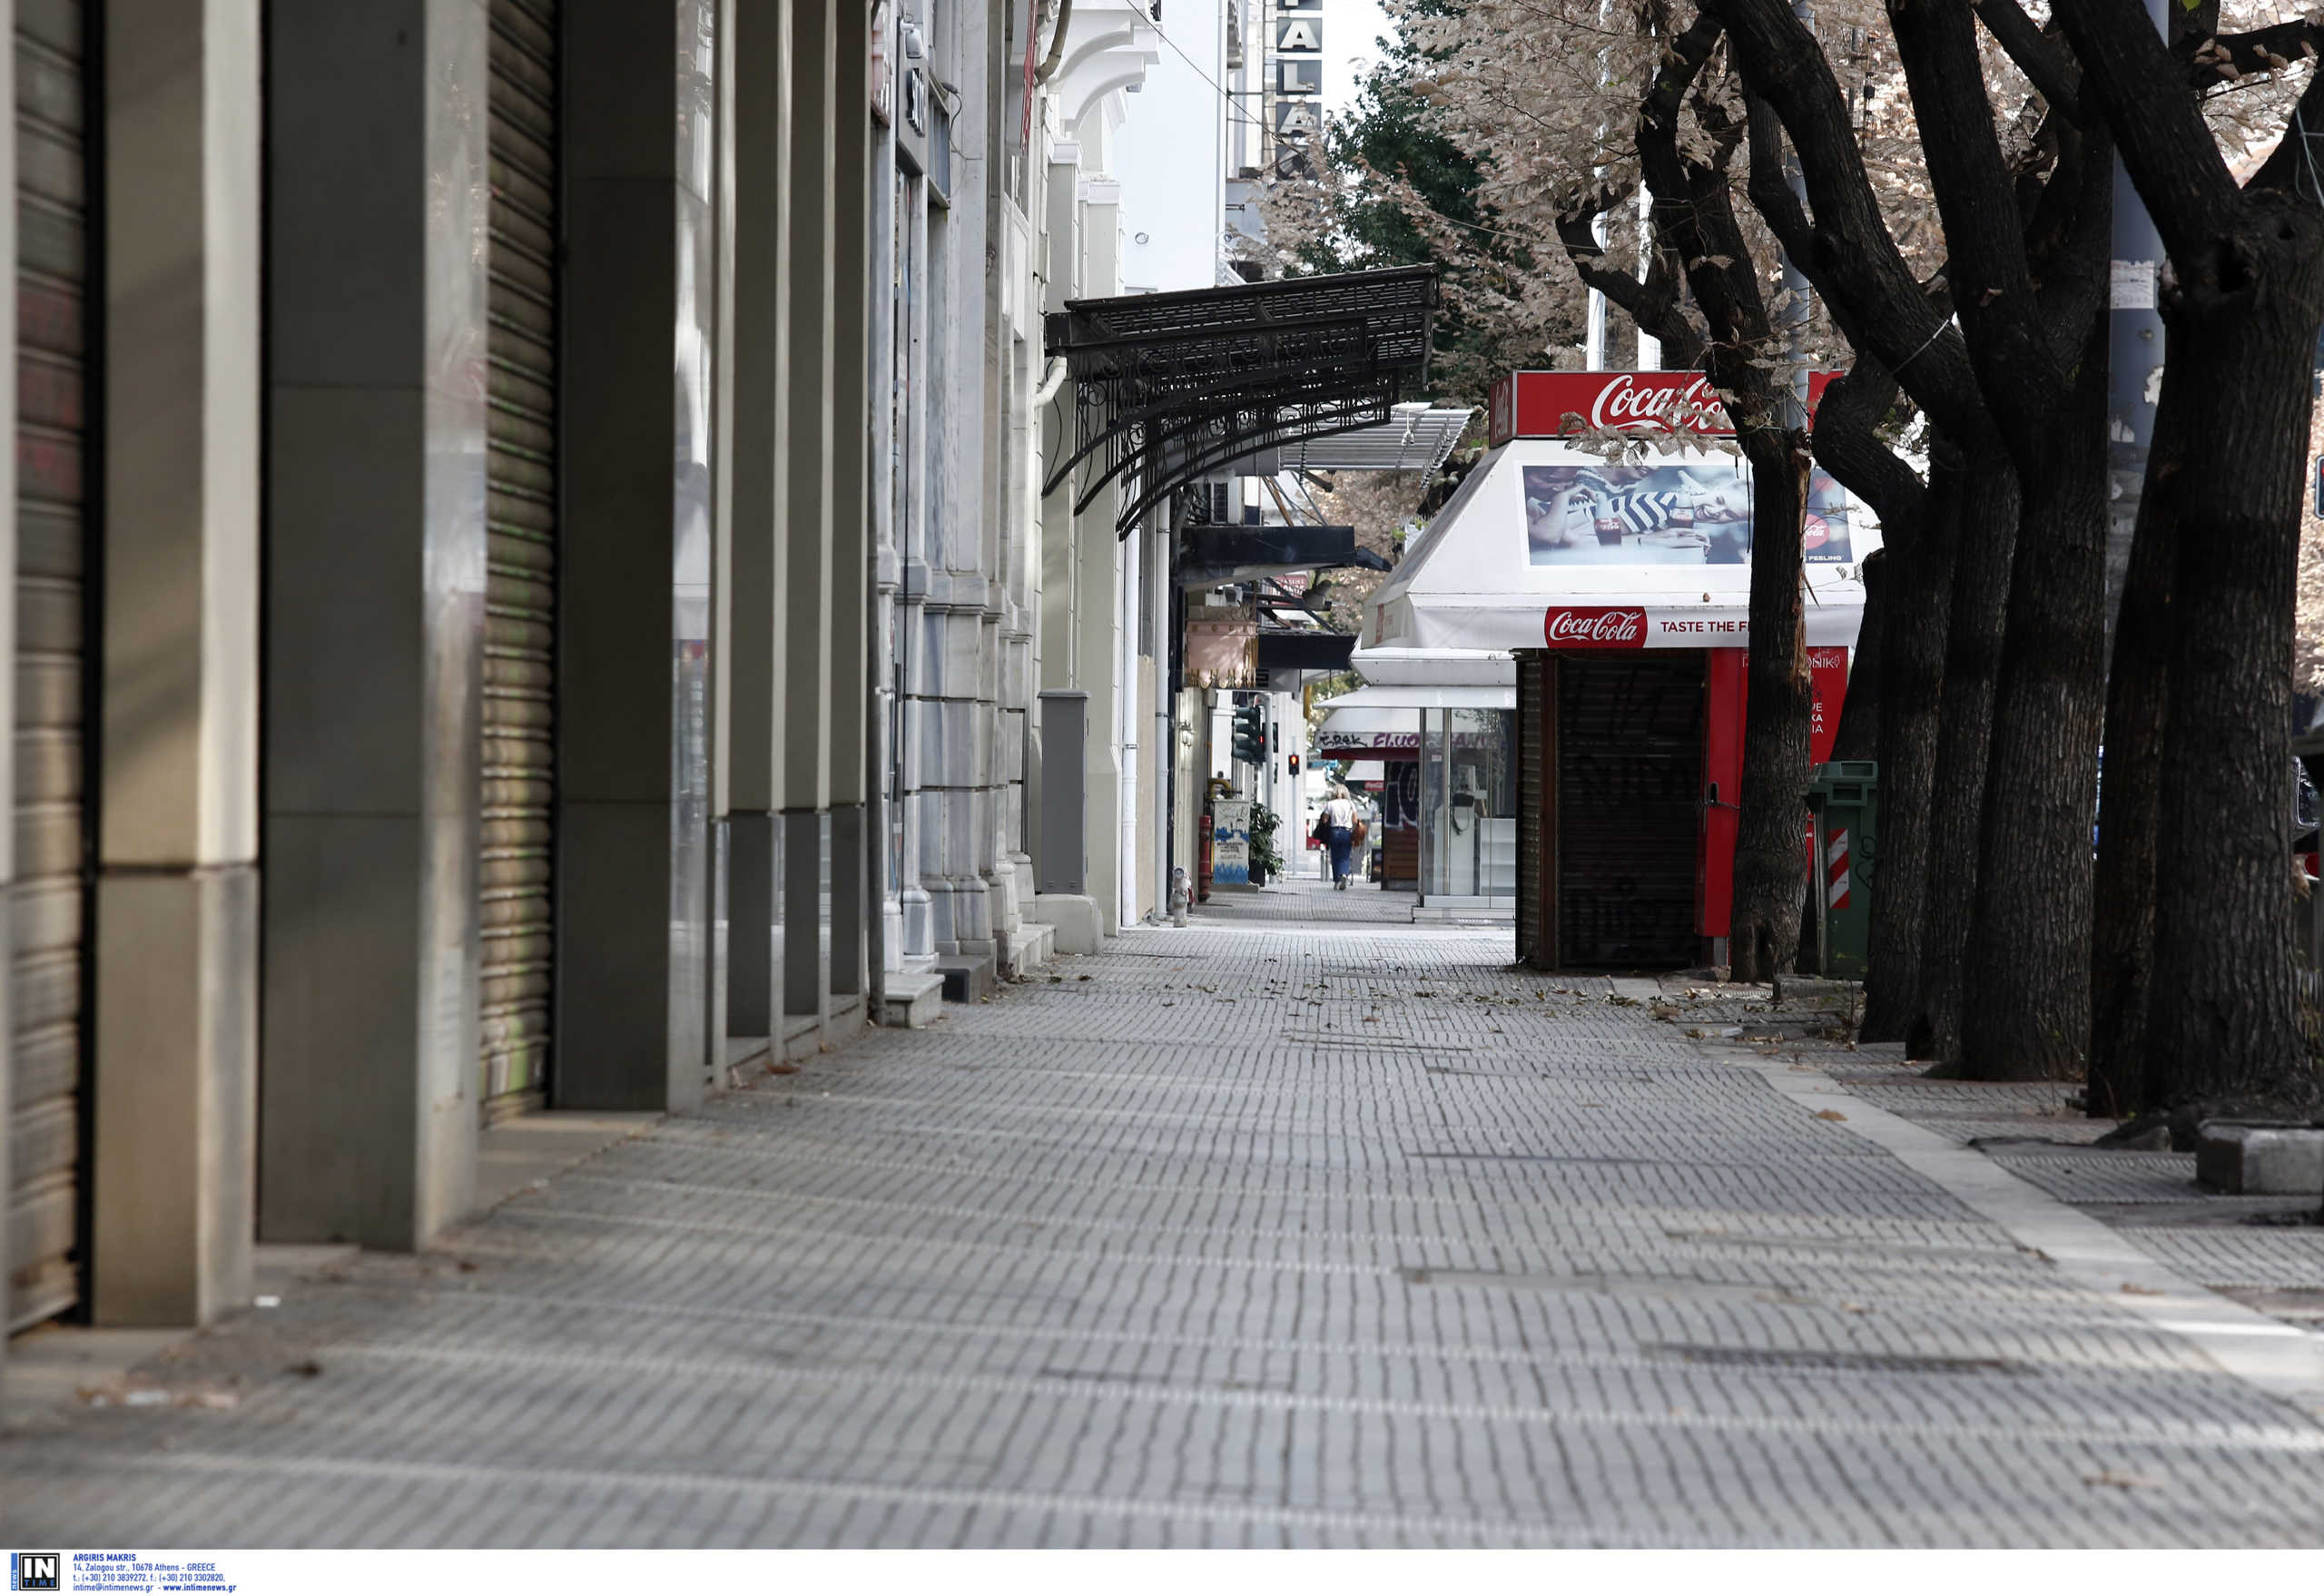 Οι επόμενες δύο ημέρες κρίνουν πολλά για το lockdown – Ποια μαγαζιά δεν πρόκειται να ανοίξουν ούτε τα Χριστούγεννα